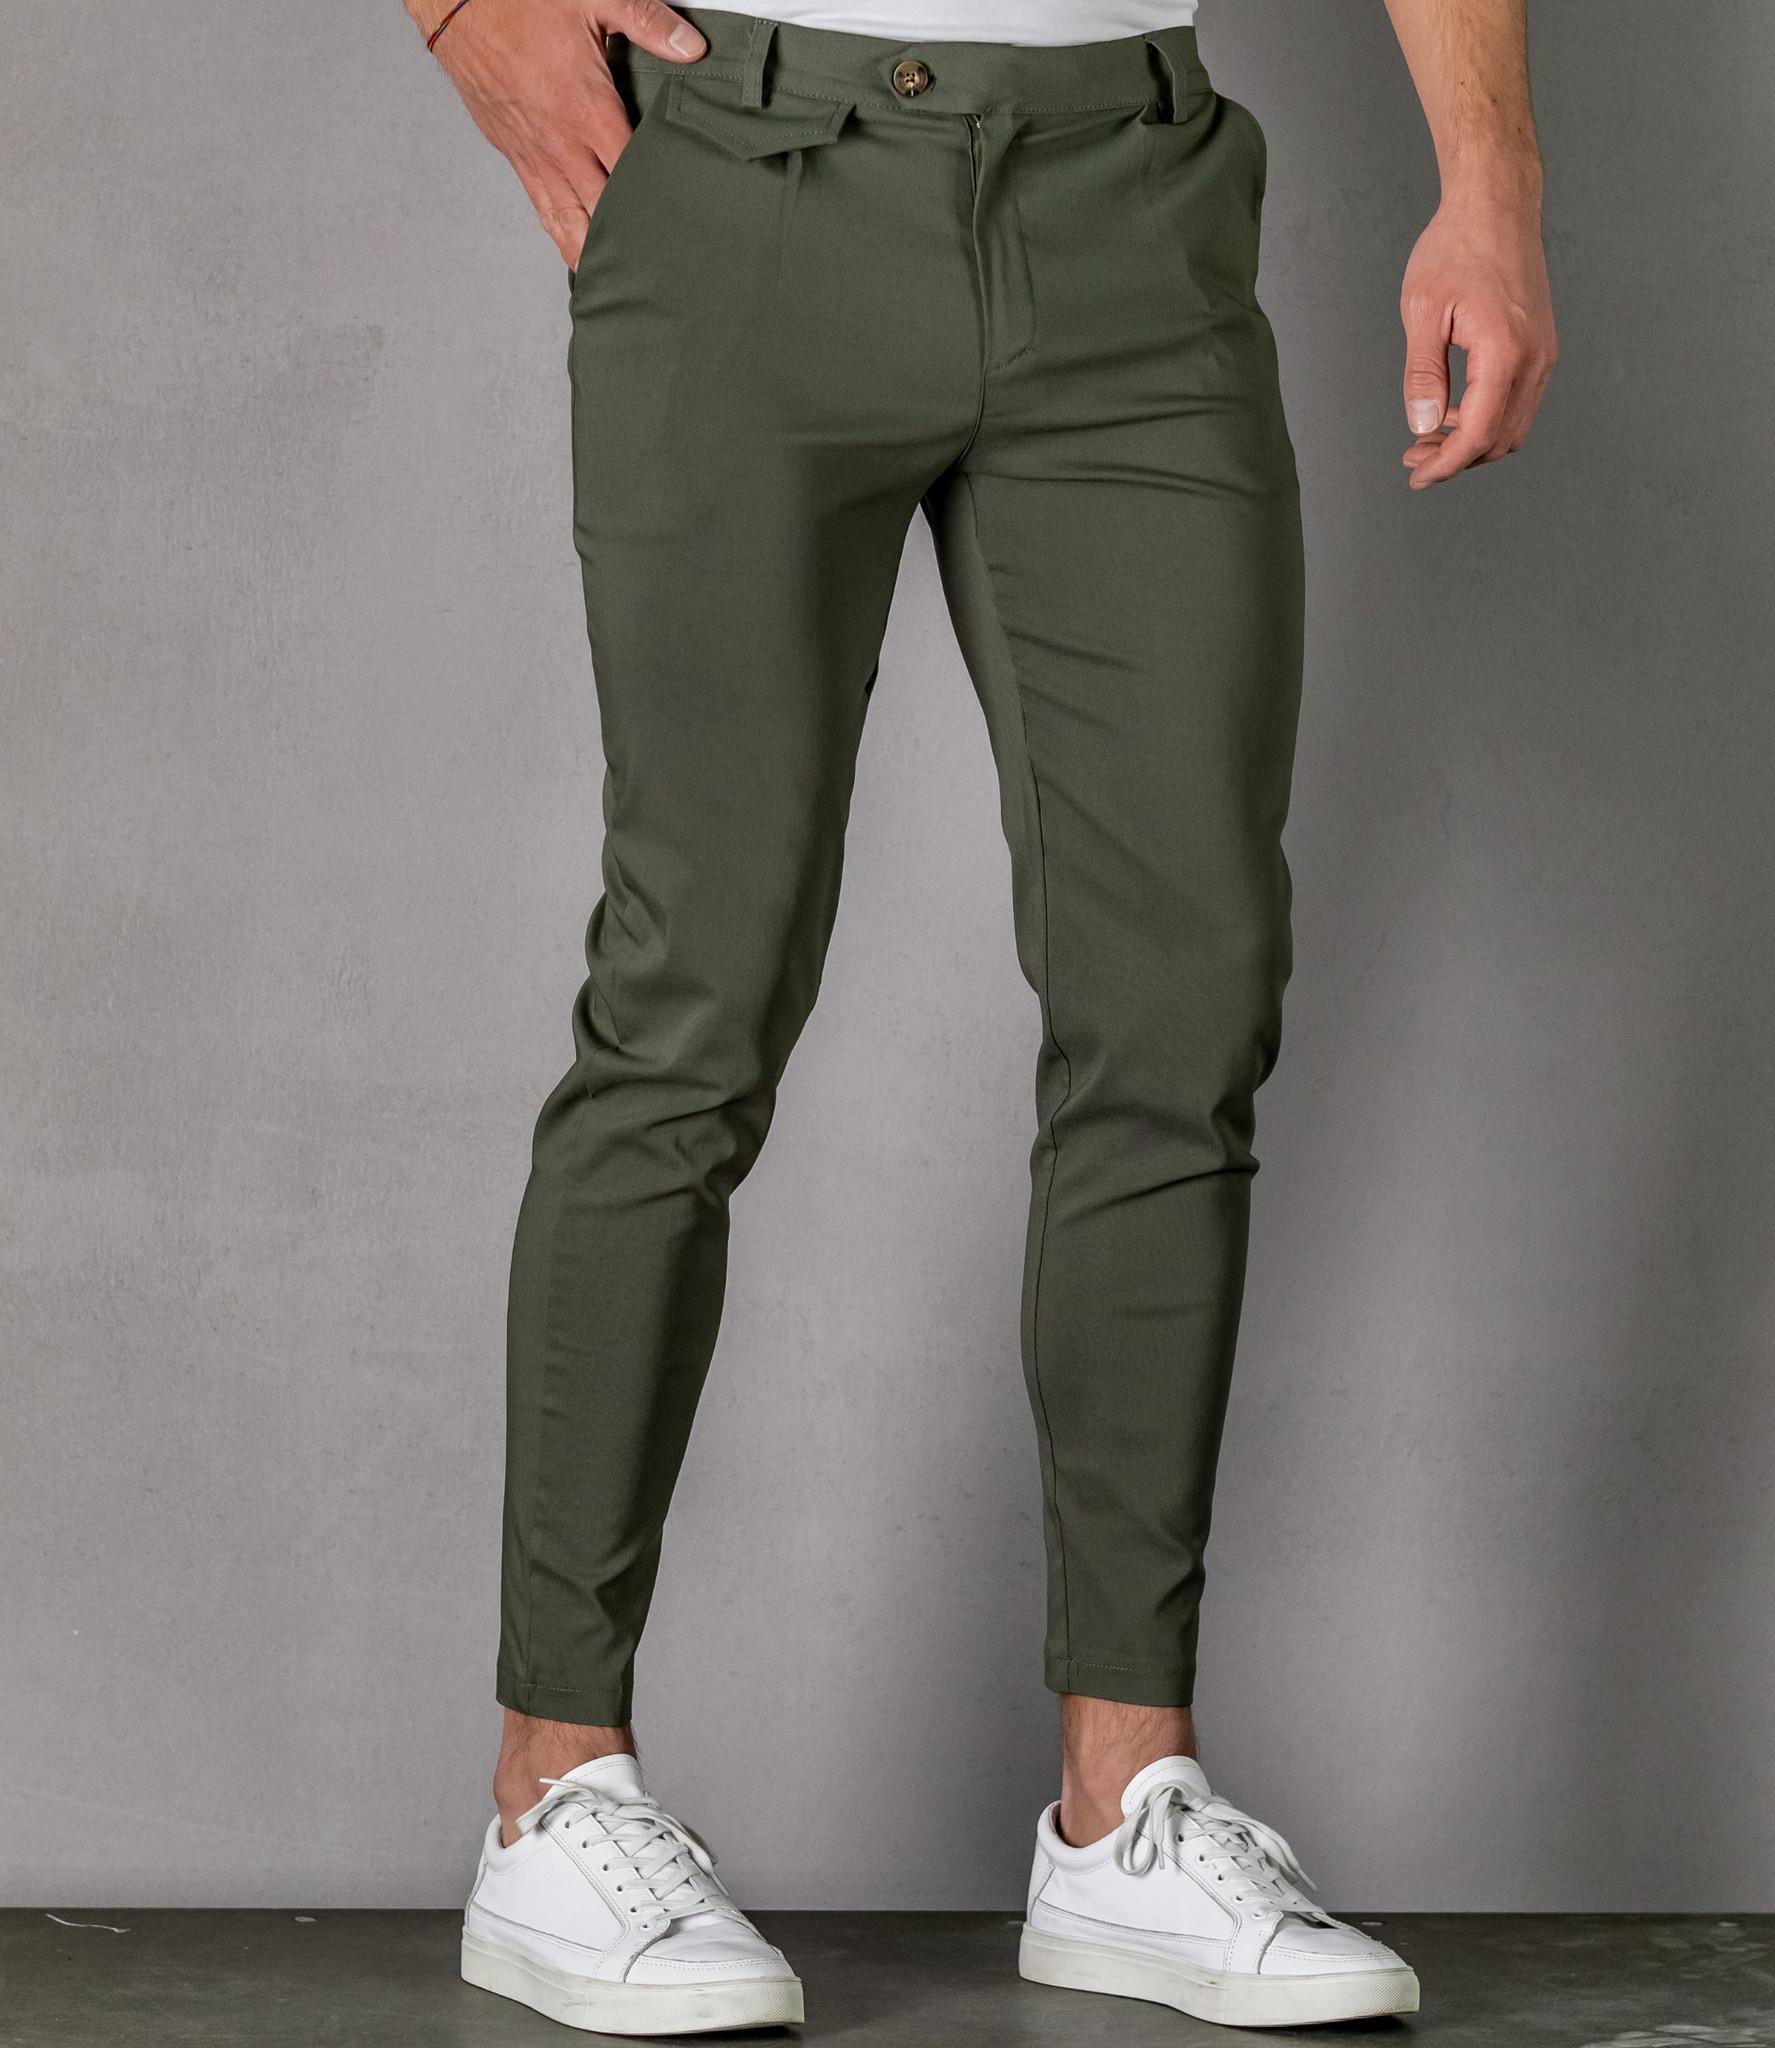 Zumo Slim Fit Pants VALERIO Olive